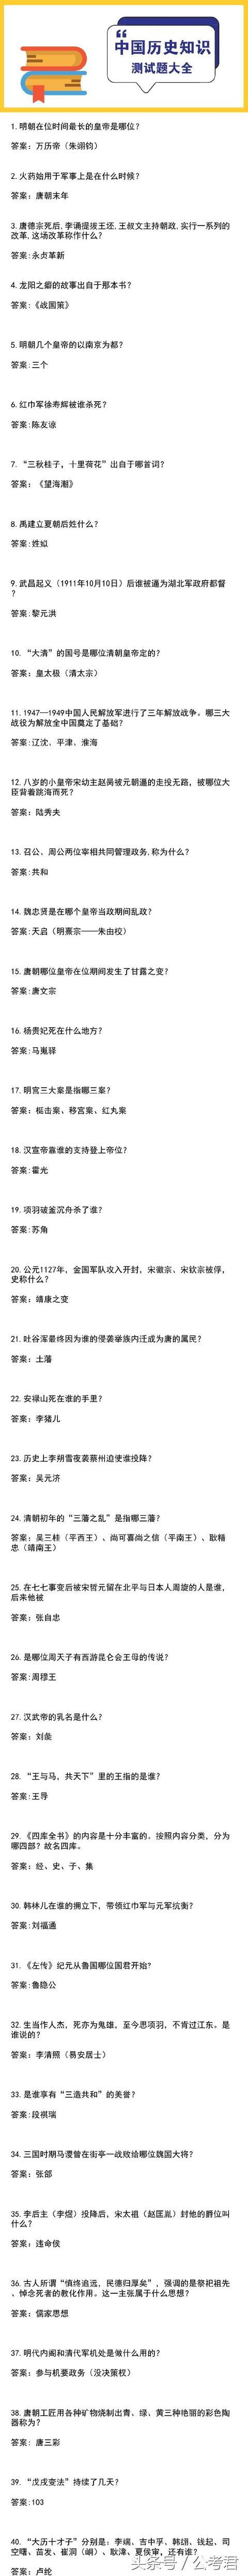 国考历史常识汇总|中国历史测试题240道!